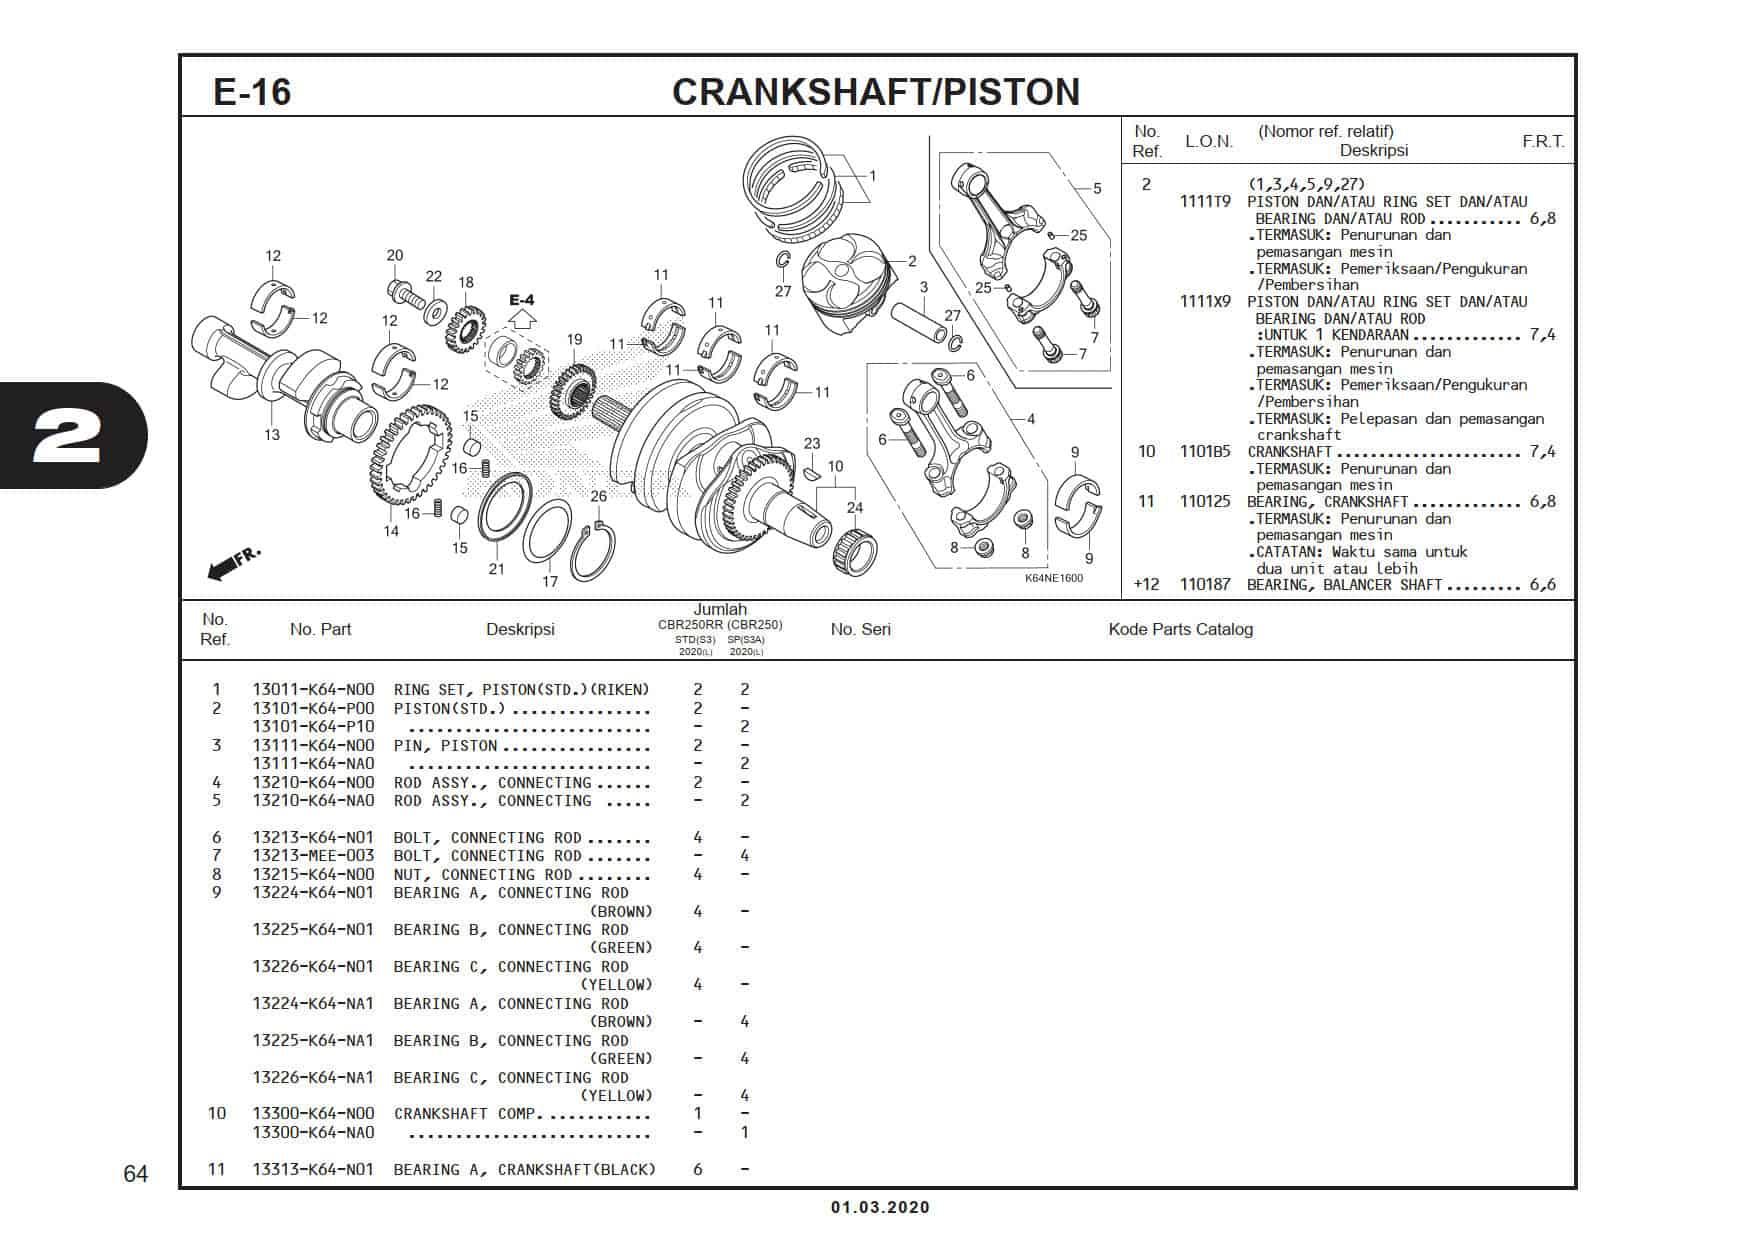 E-16 CrankShaft/Piston